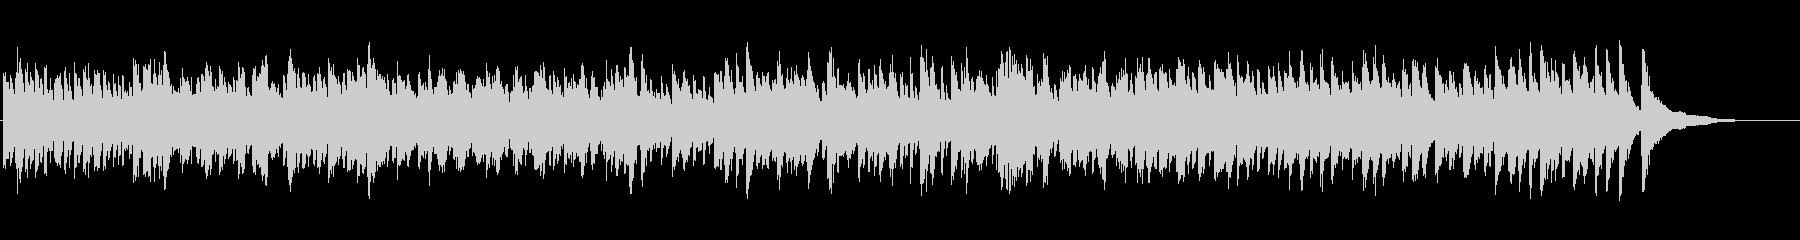 バッハ チェンバロ パルティータ1-1 の未再生の波形